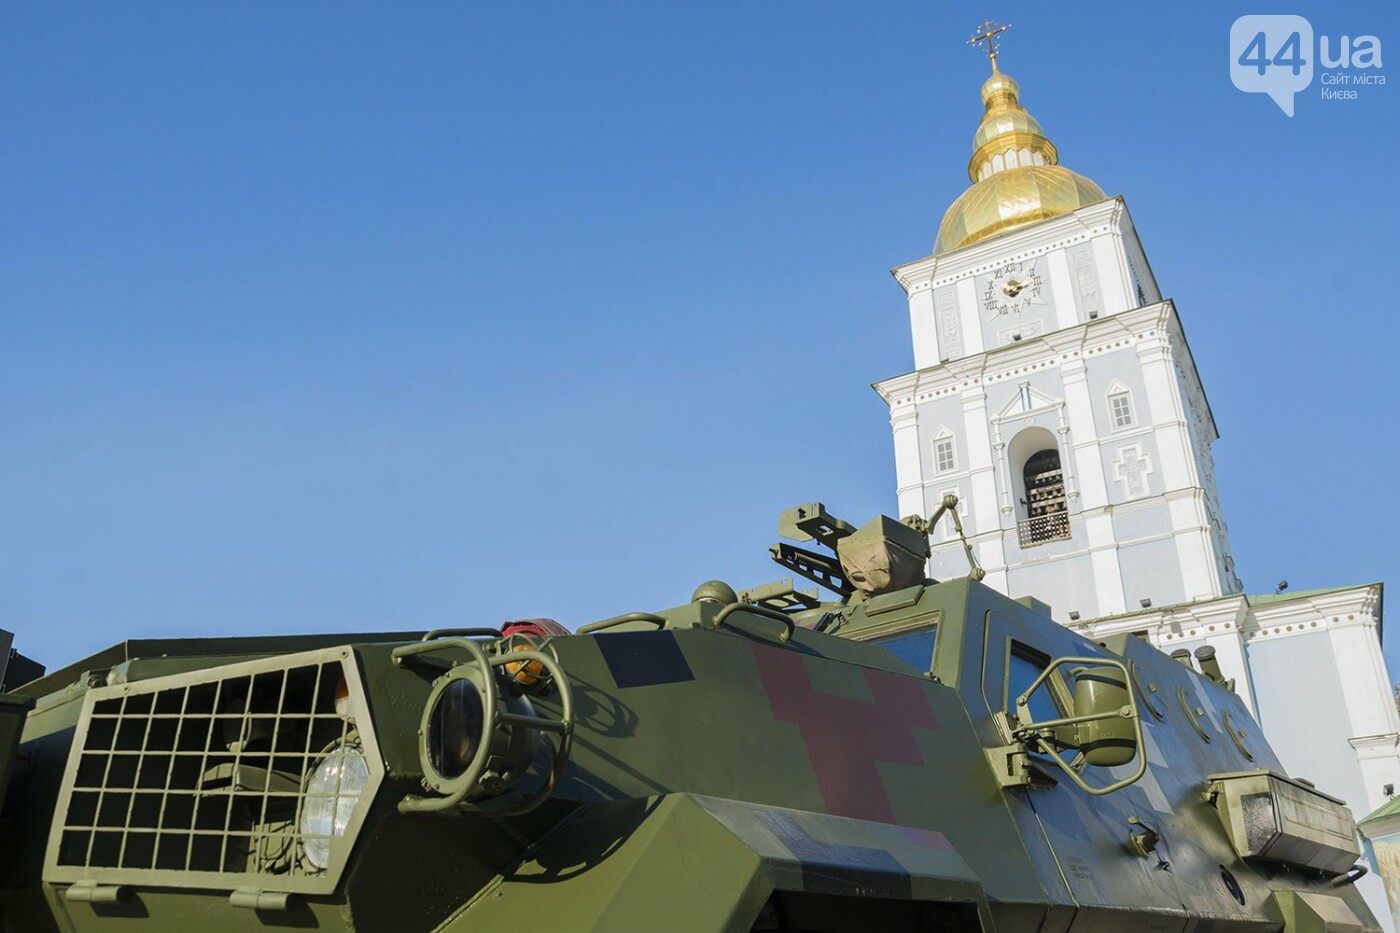 В Киеве открылась масштабная выставка военной техники – ФОТОРЕПОРТАЖ, фото-5